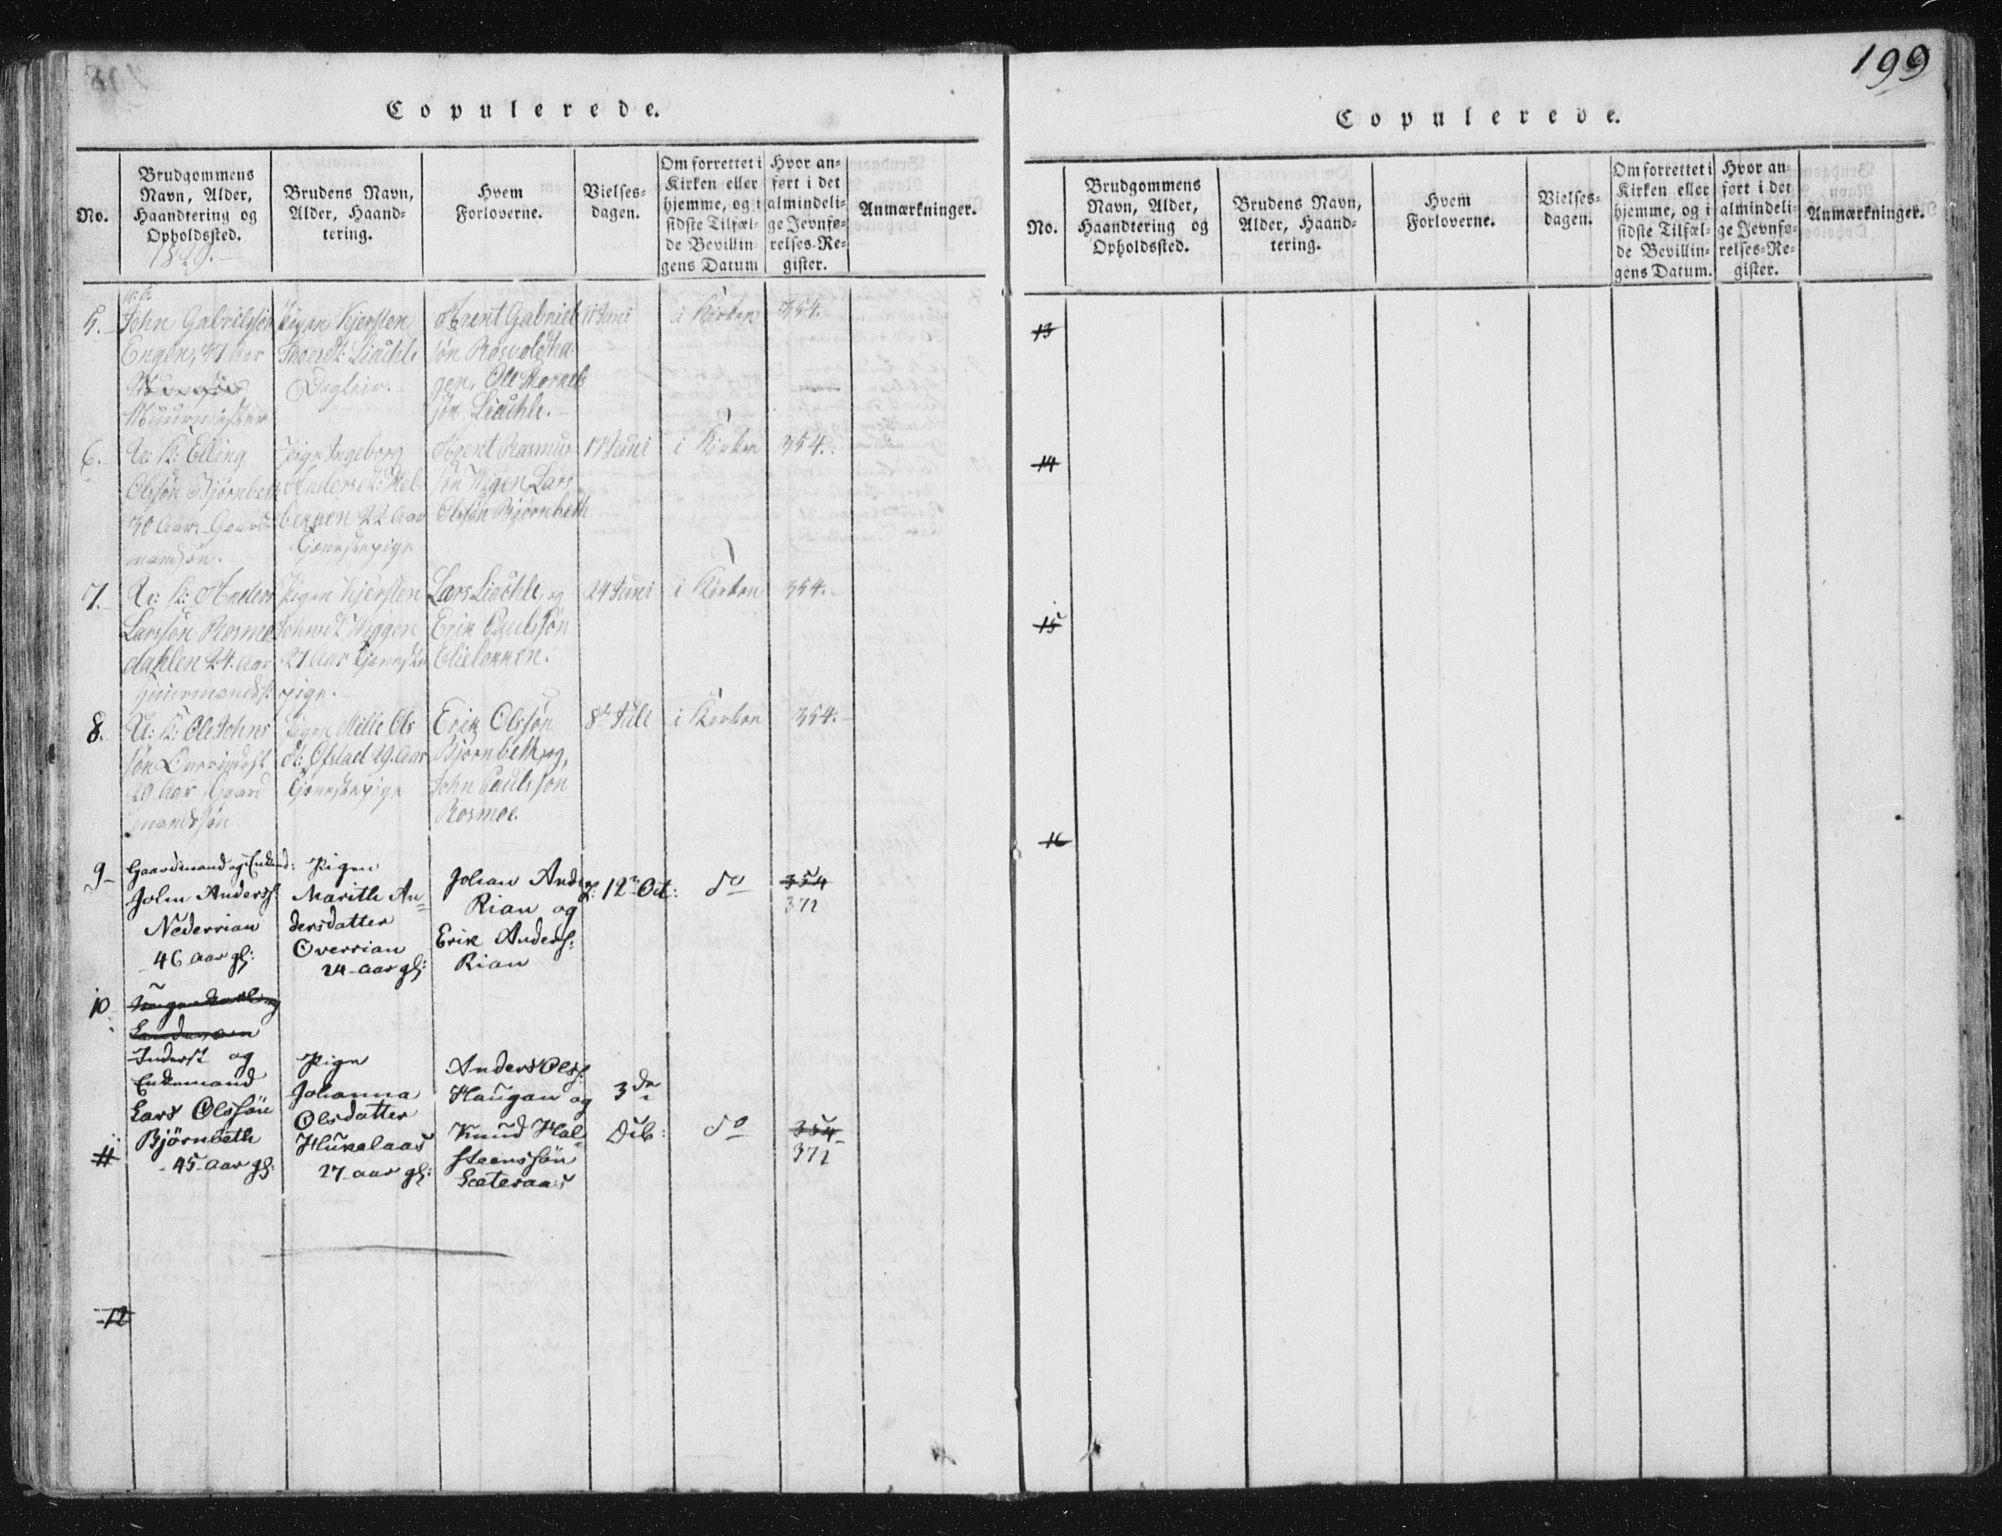 SAT, Ministerialprotokoller, klokkerbøker og fødselsregistre - Sør-Trøndelag, 665/L0770: Ministerialbok nr. 665A05, 1817-1829, s. 199